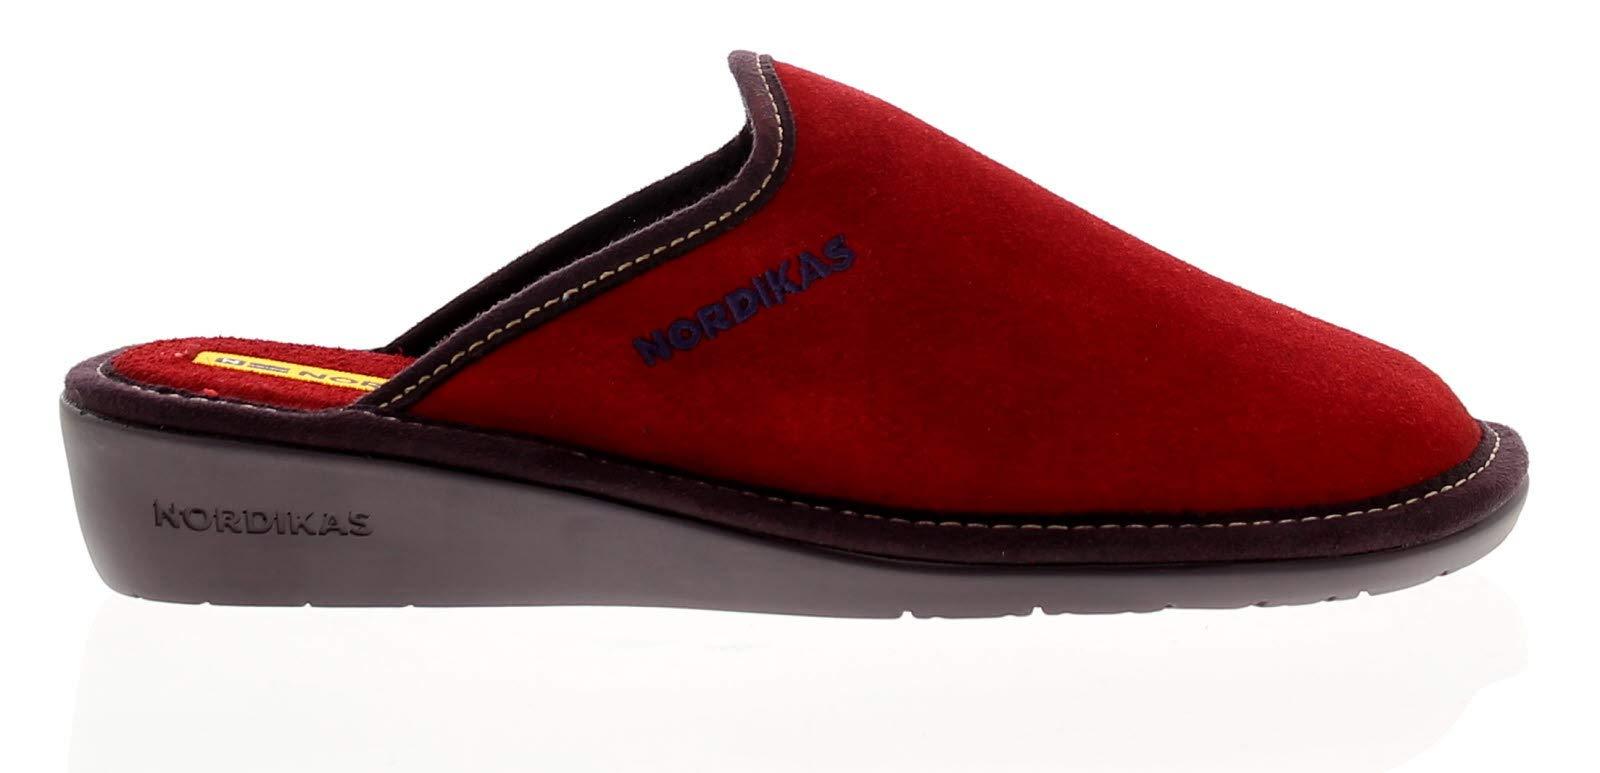 Femmes Rouge Textile Tailles Nordikas Chausson En Uk 8 Cuir Doublure Avec 3 7HwpA